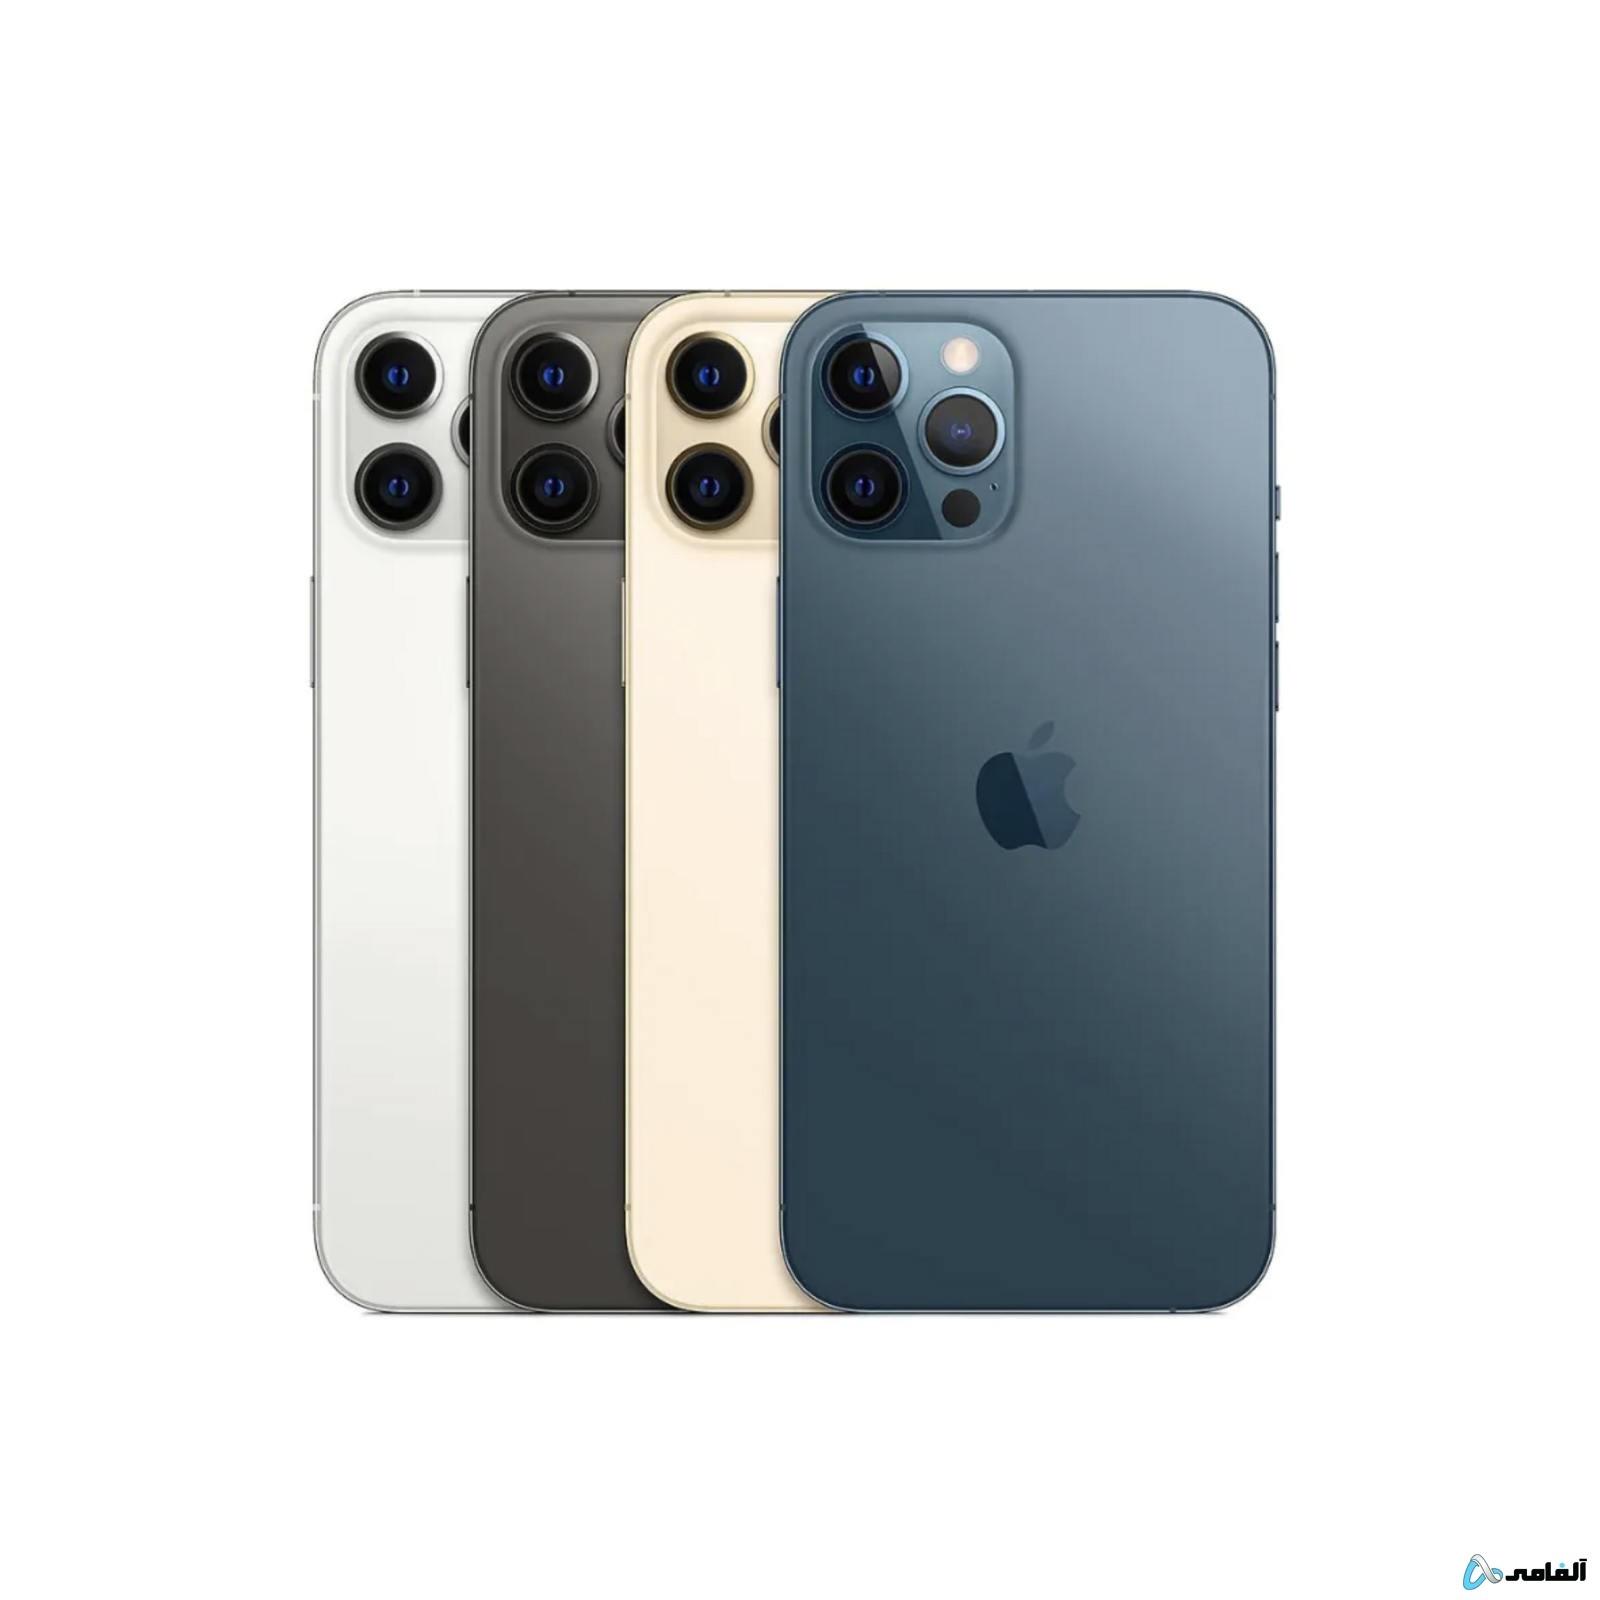 گوشی موبایل اپل مدل iPhone 12 Pro Max A2412 دو سیم کارت ظرفیت ۱۲۸ گیگابایت